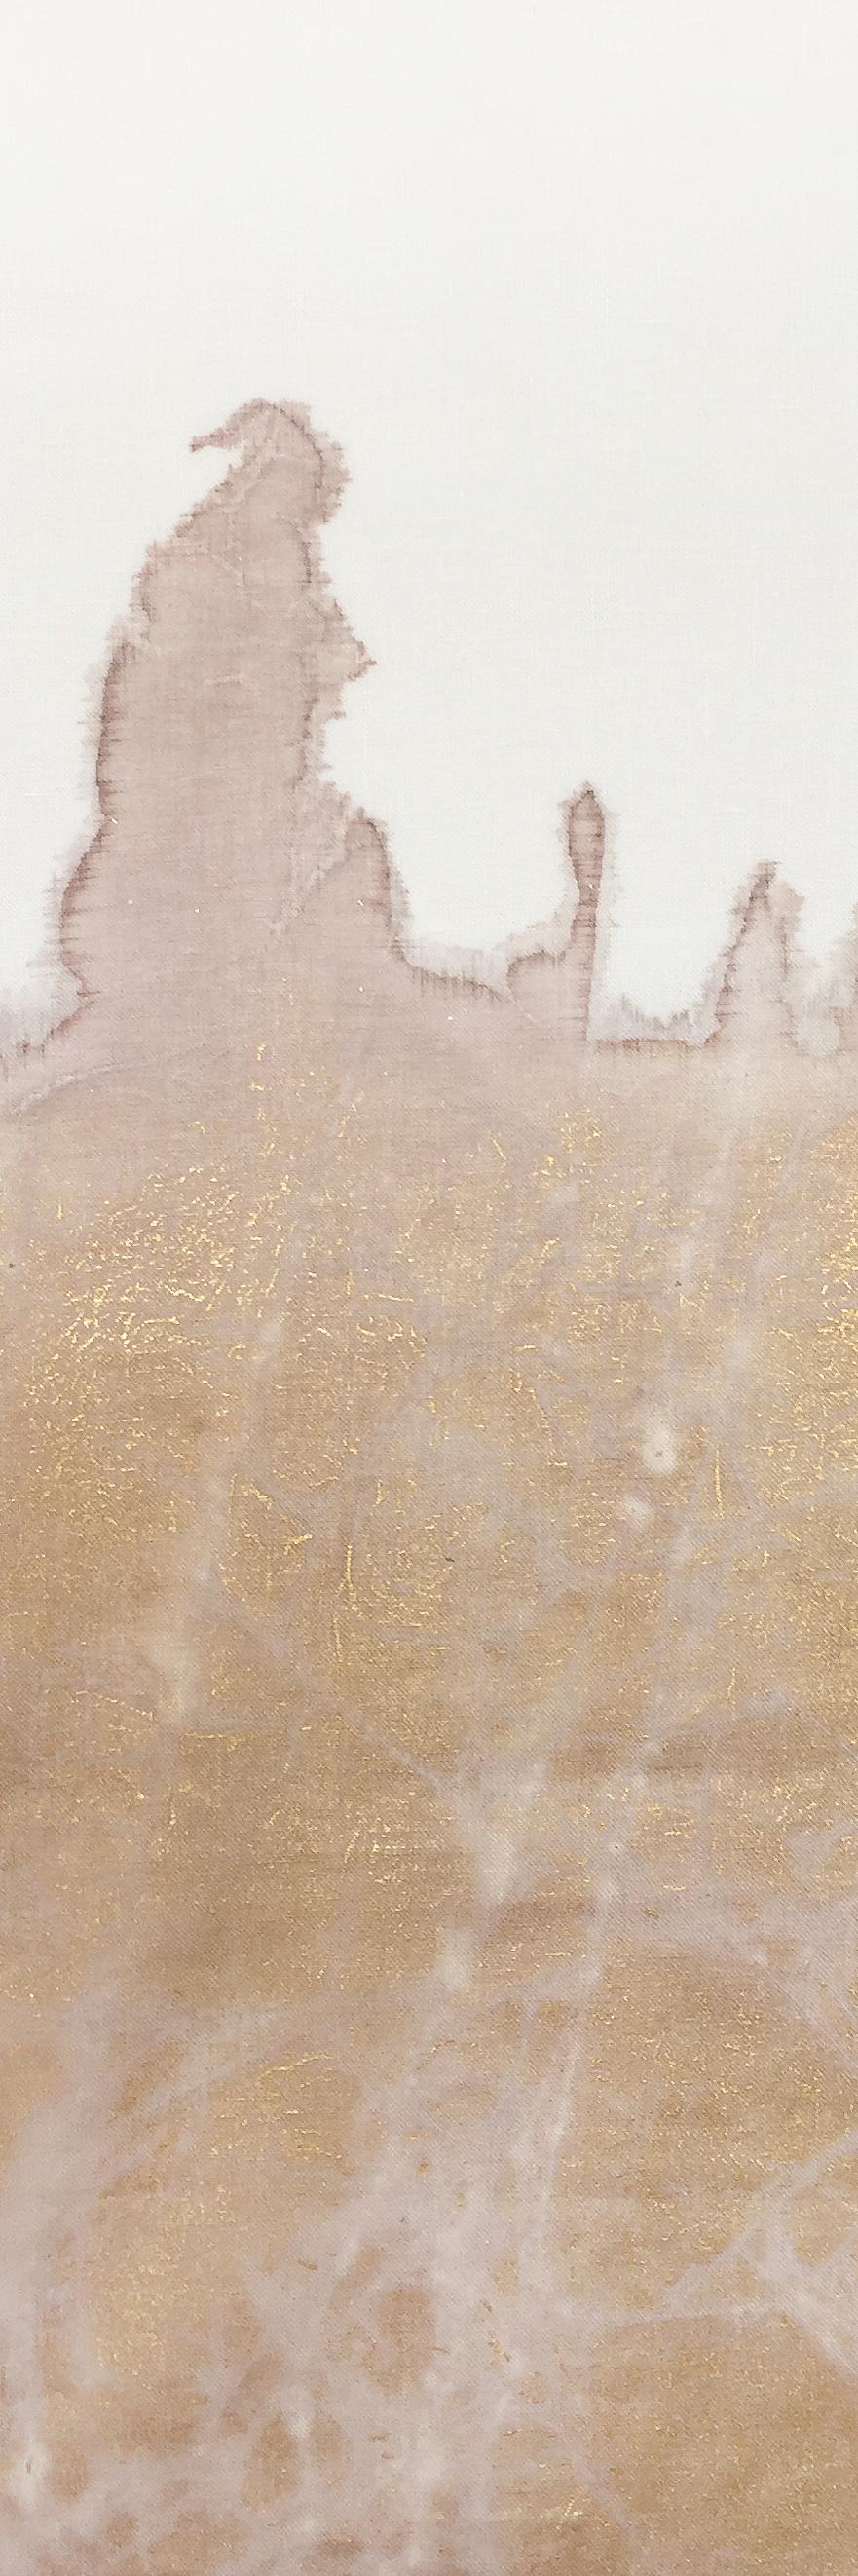 Y112-01 Gold Leaf